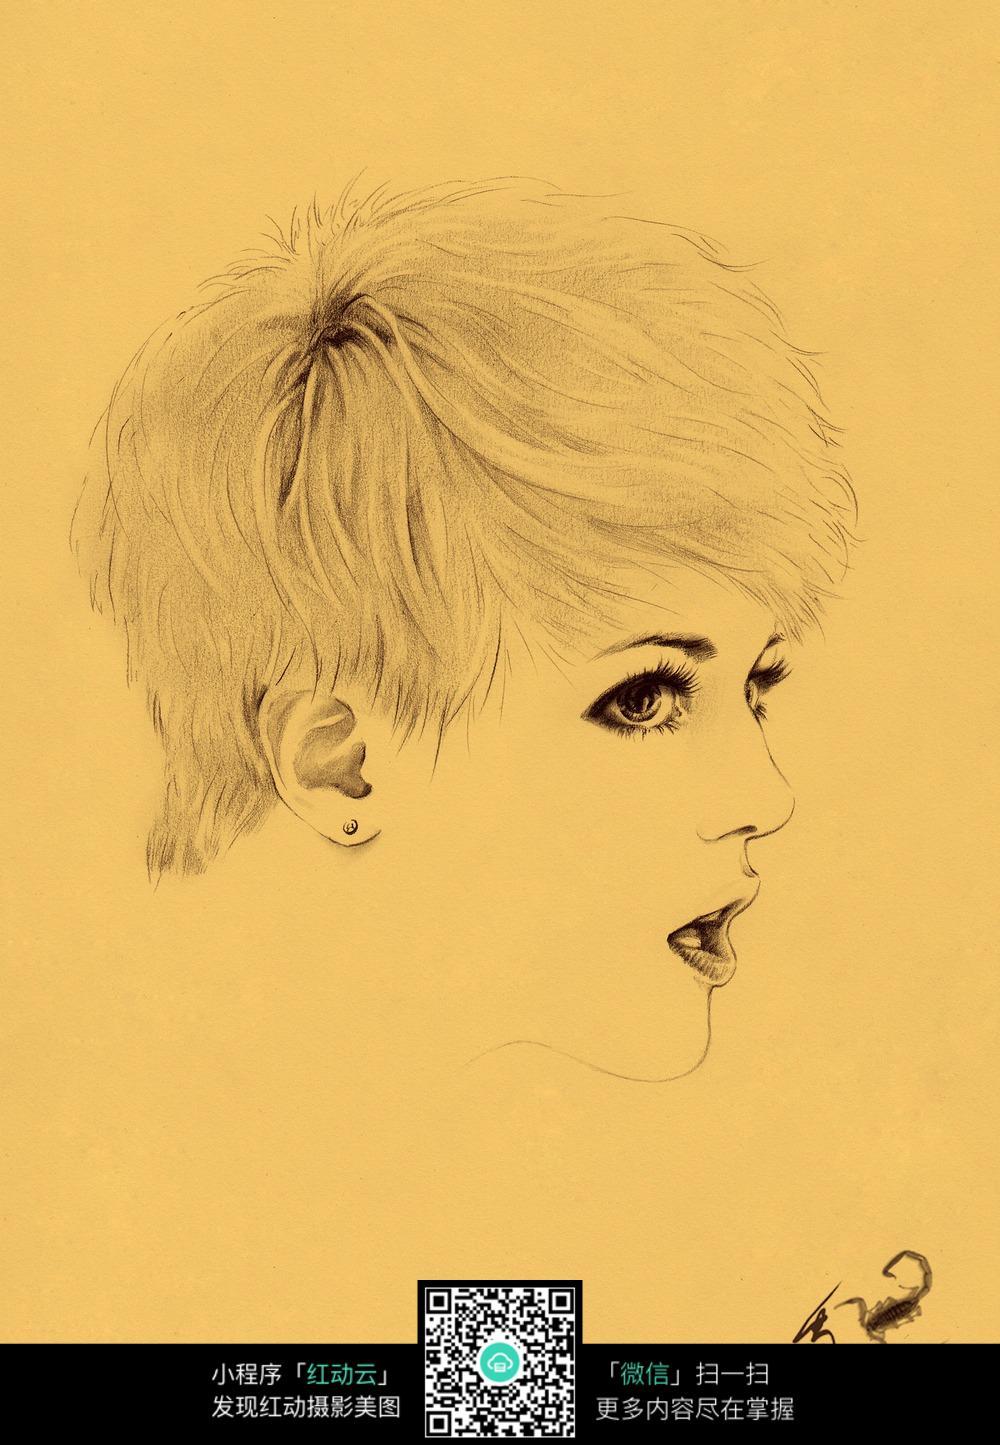 帅气短发女孩素描画